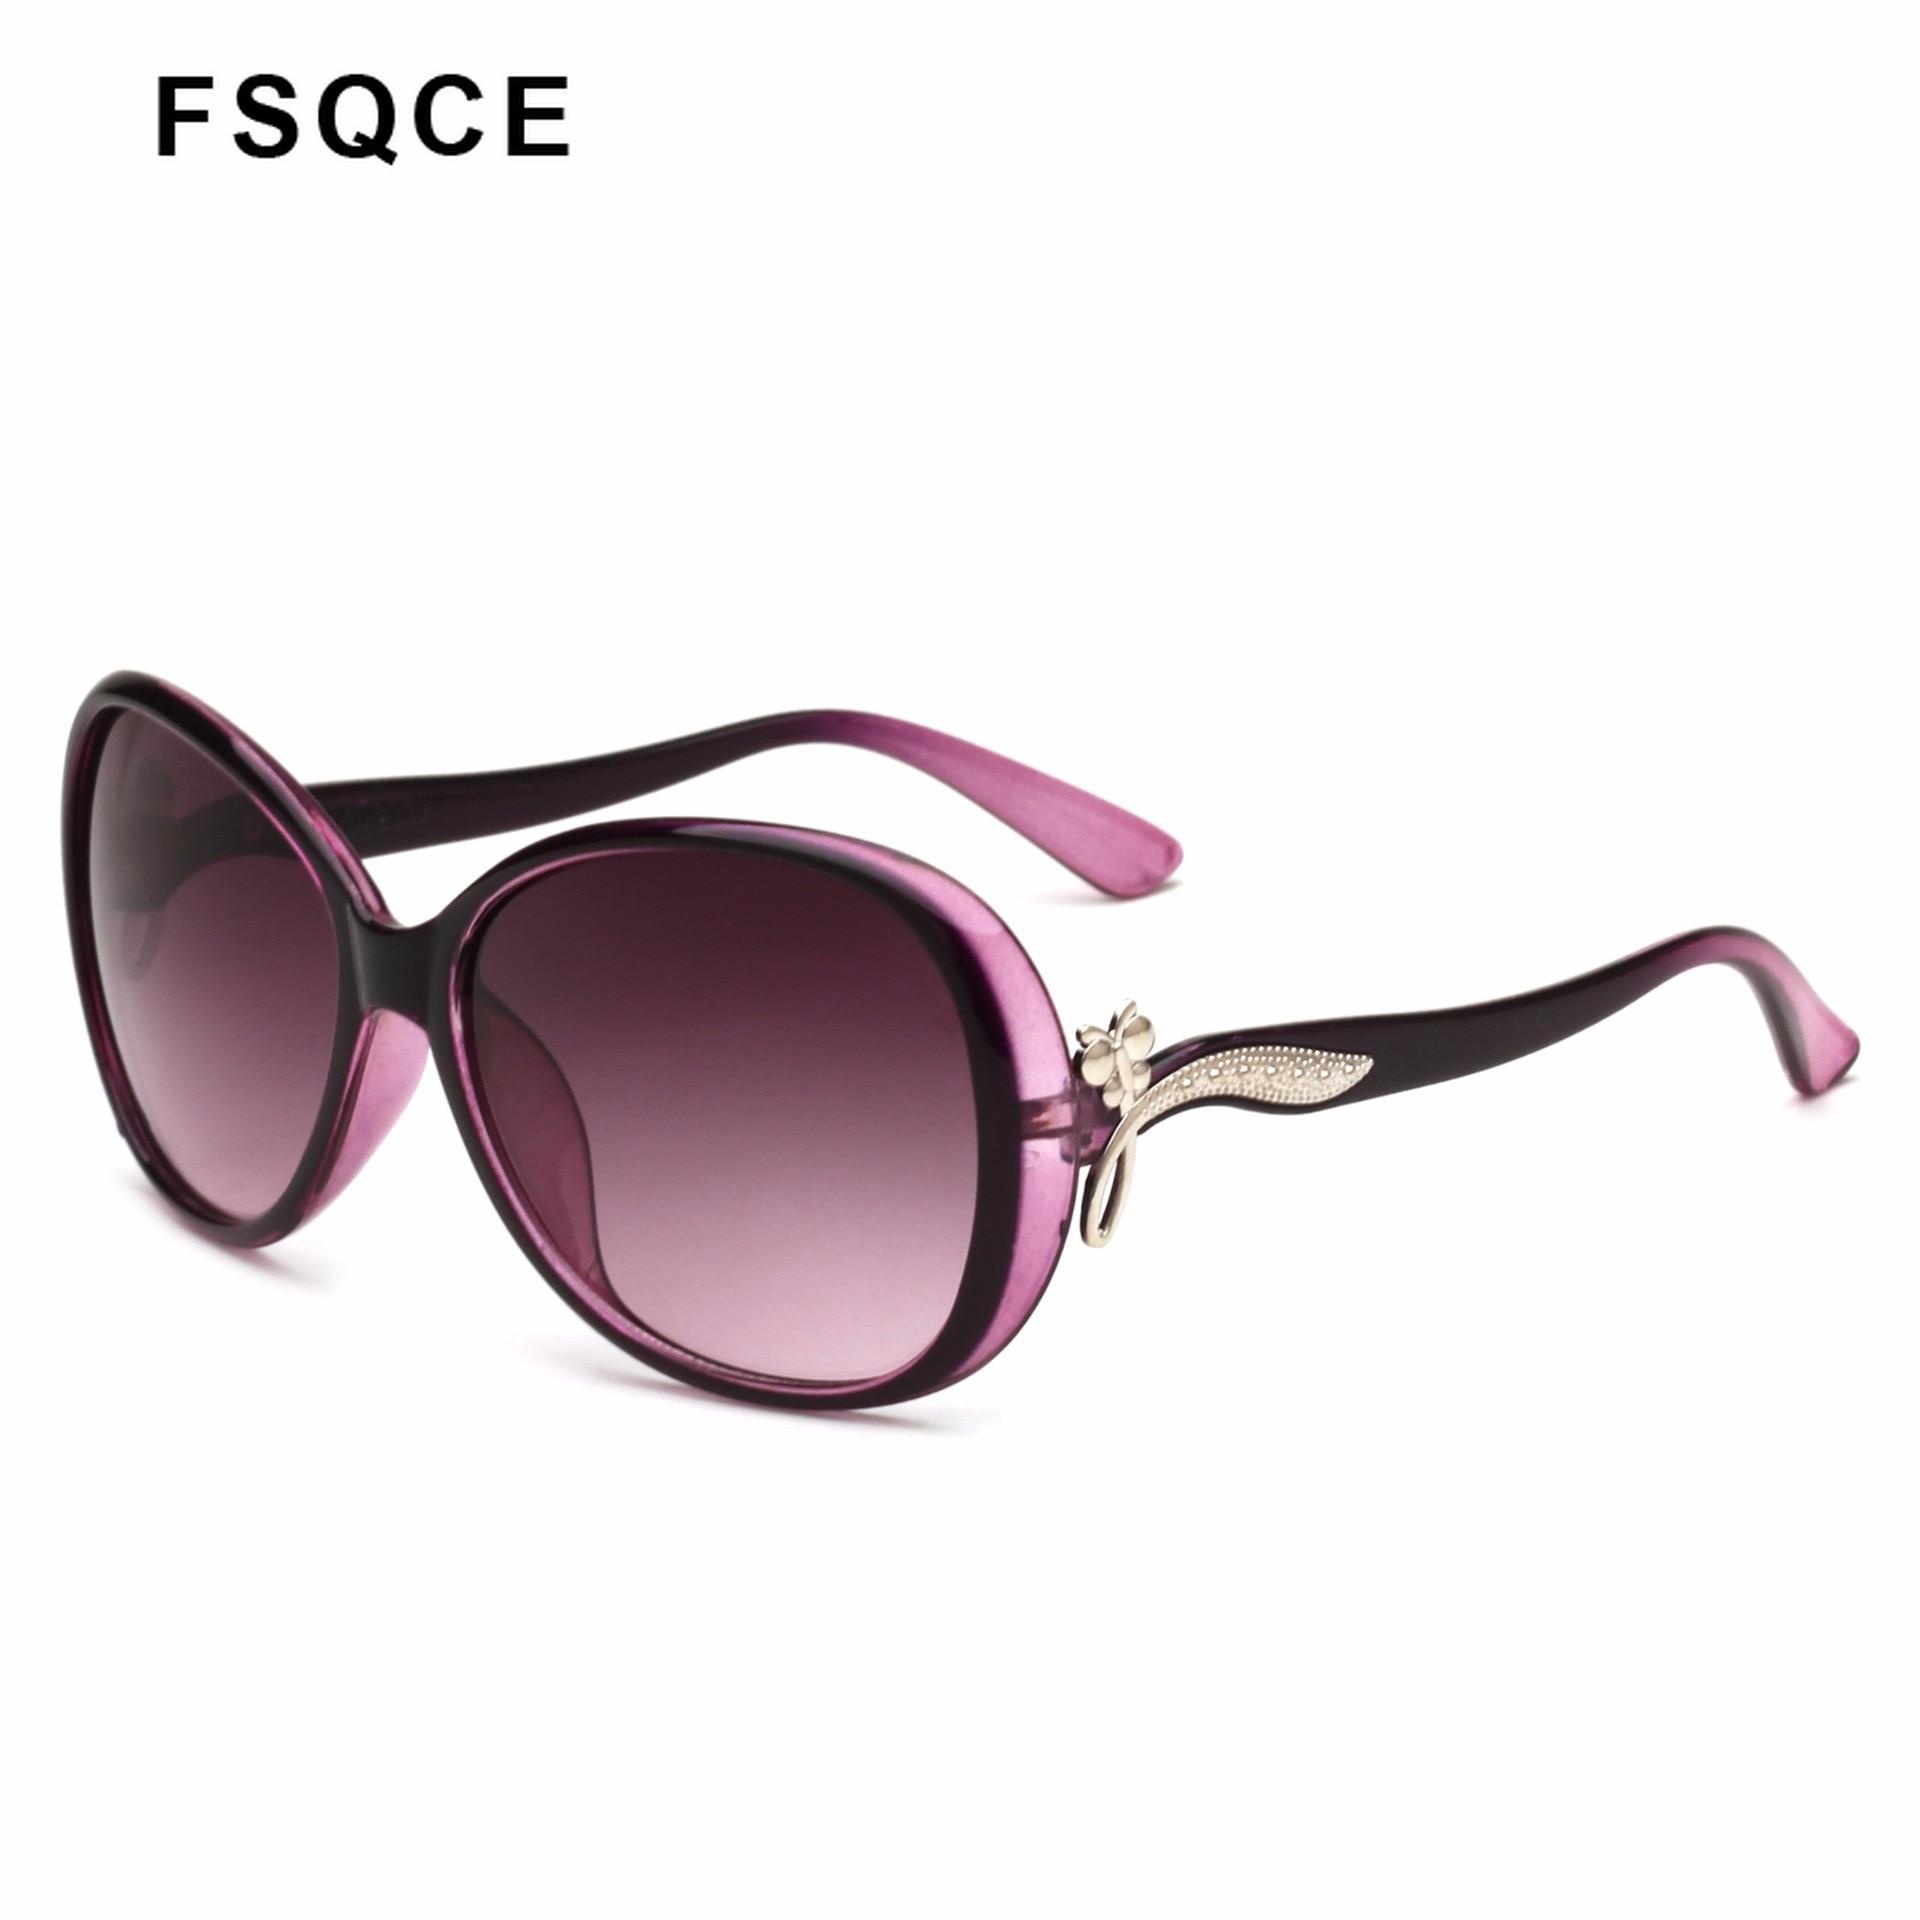 FSQCE ovale lunettes De soleil femmes marque Design Vintage rétro Oculos Lunette De Sol eil Femme lunettes De soleil UV400